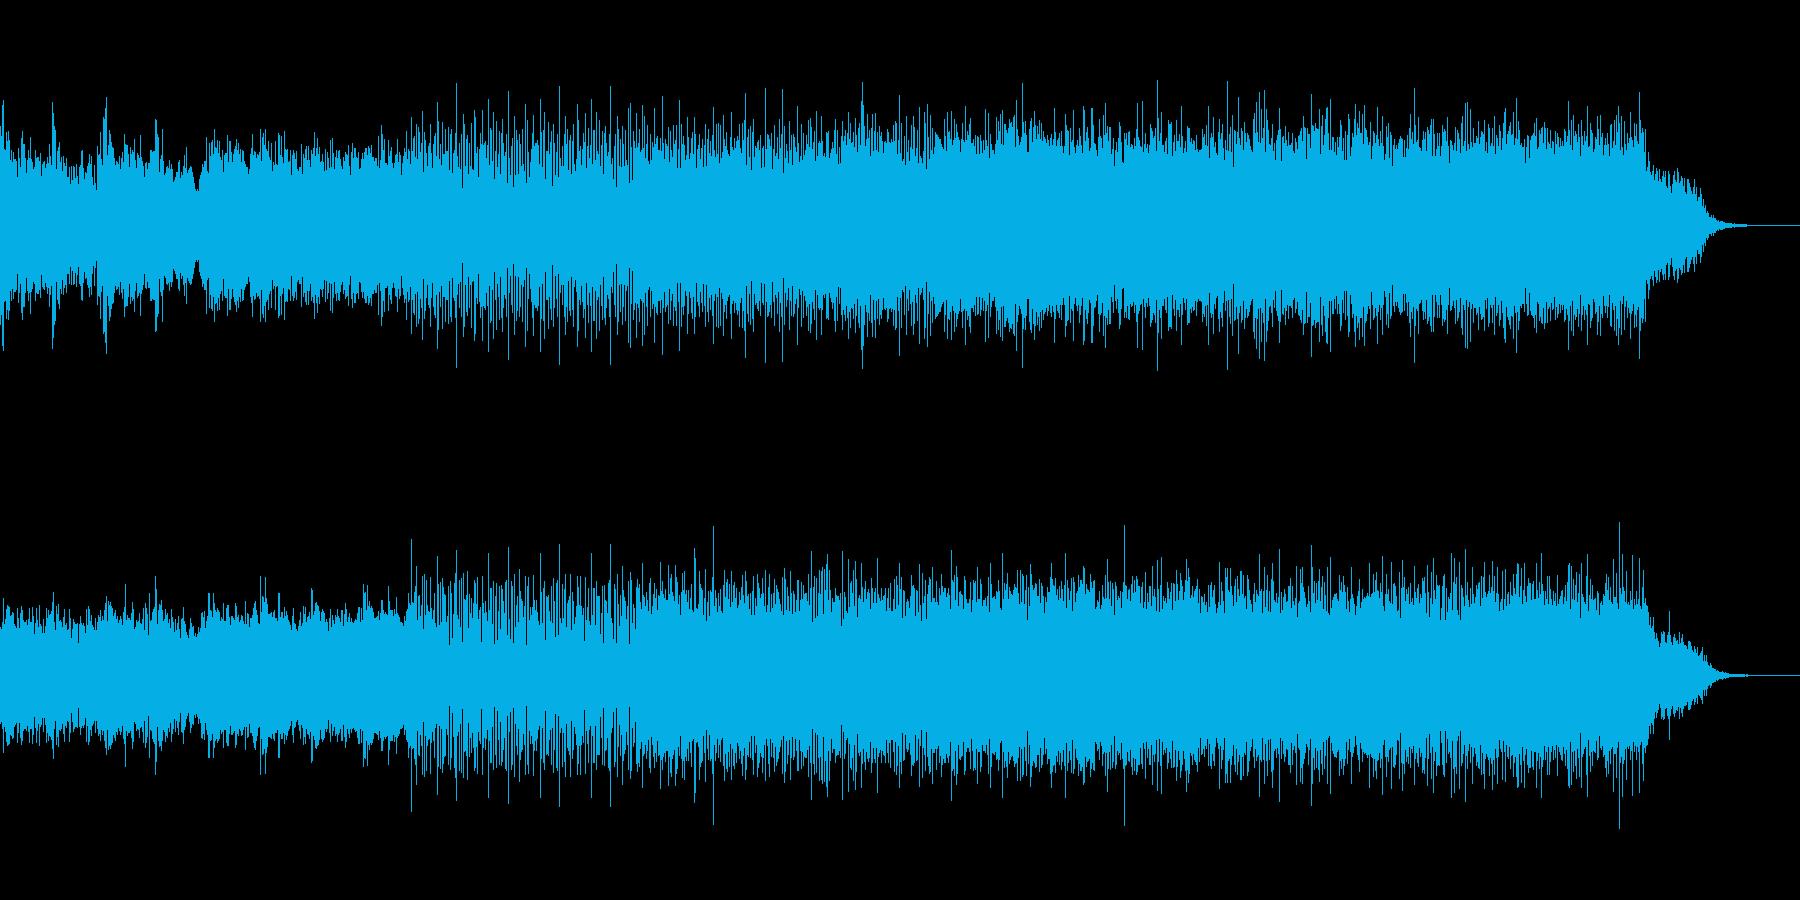 ノイジーなエレクトロの再生済みの波形